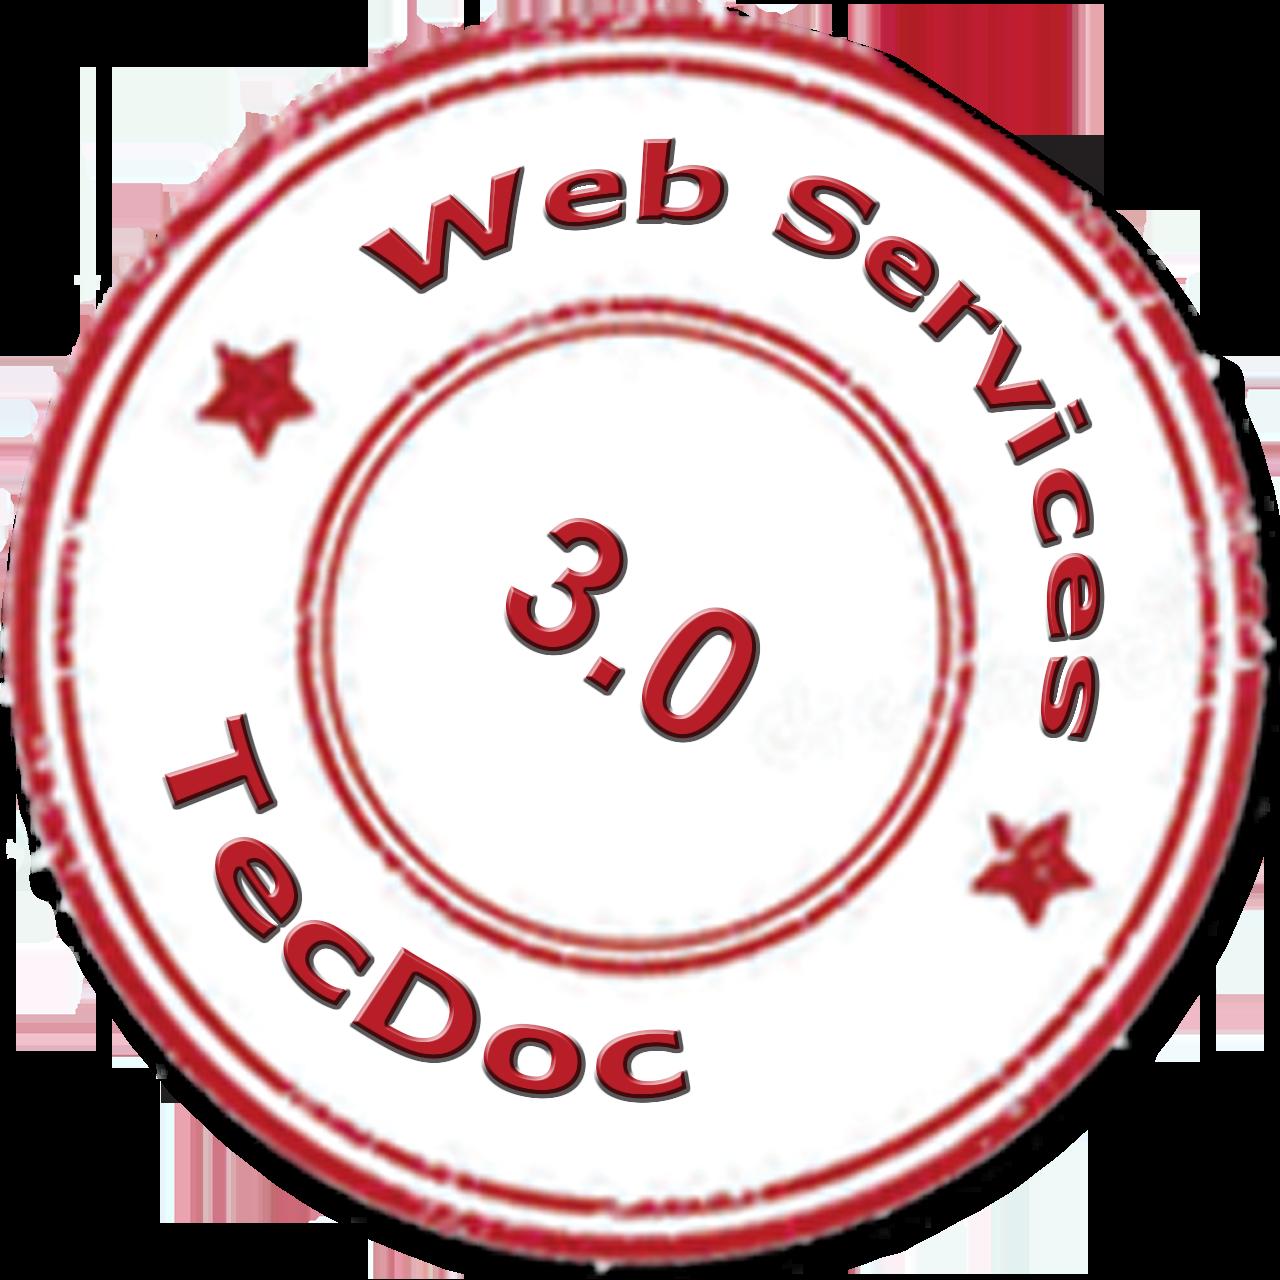 Web Services 3.0